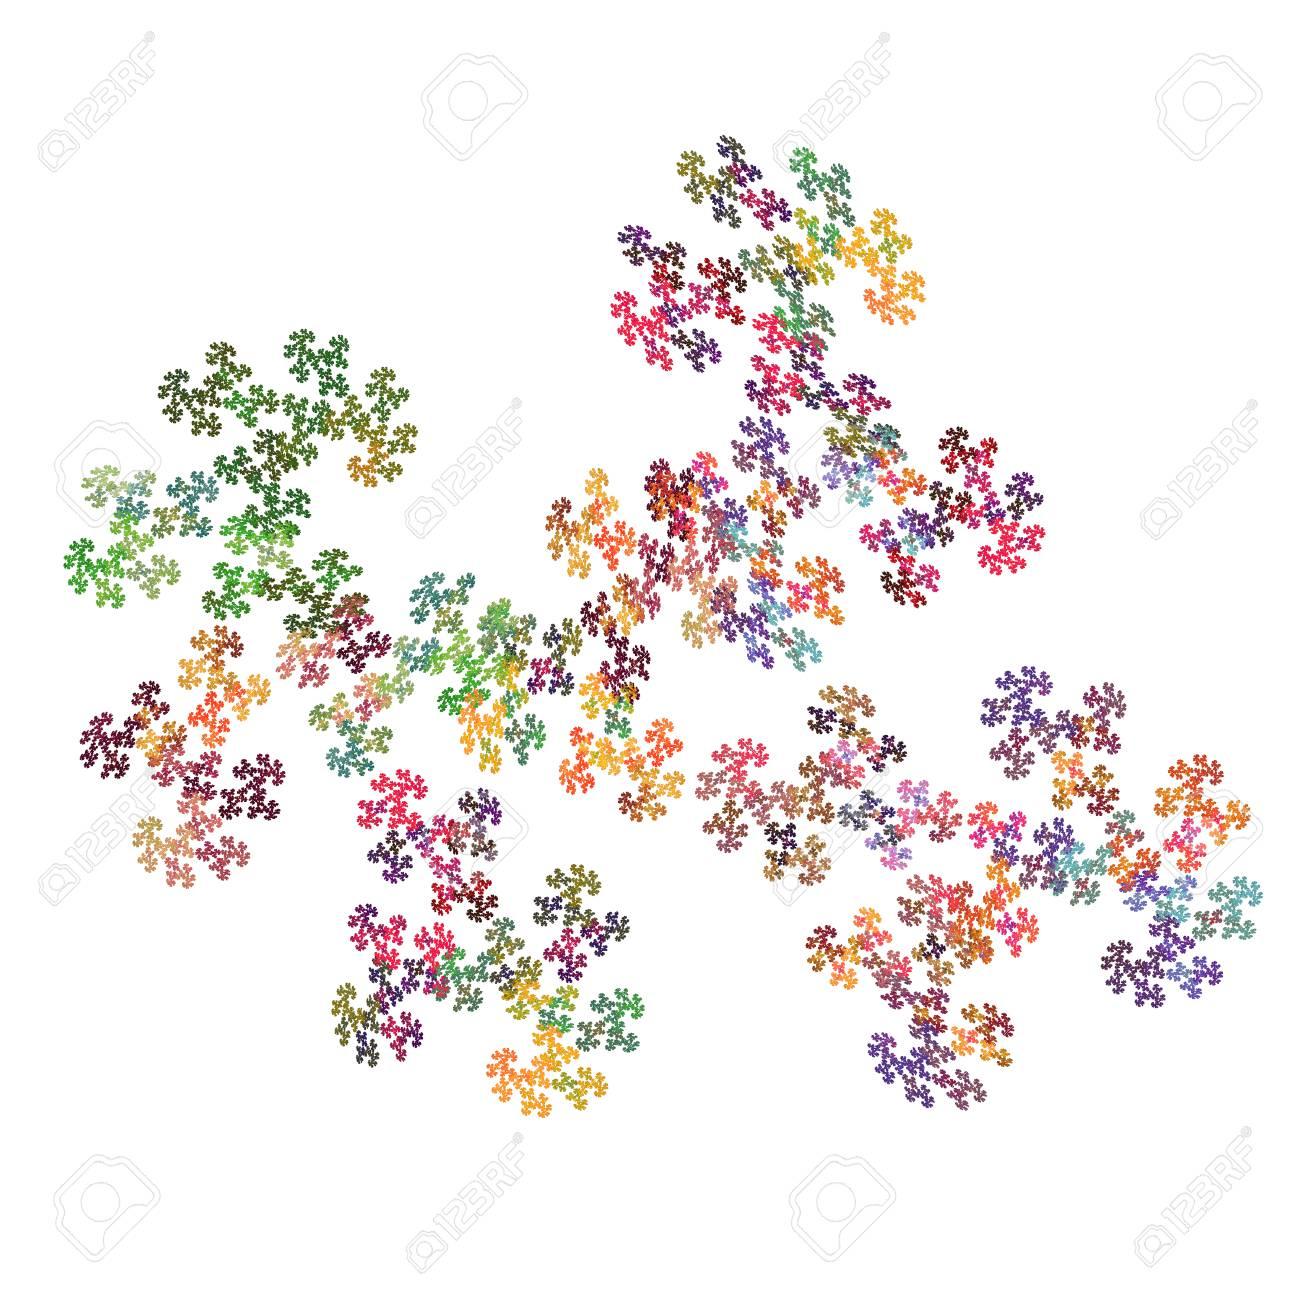 abstrakt puzzle muster auf weiem hintergrund standard bild 42876491 - Puzzle Muster